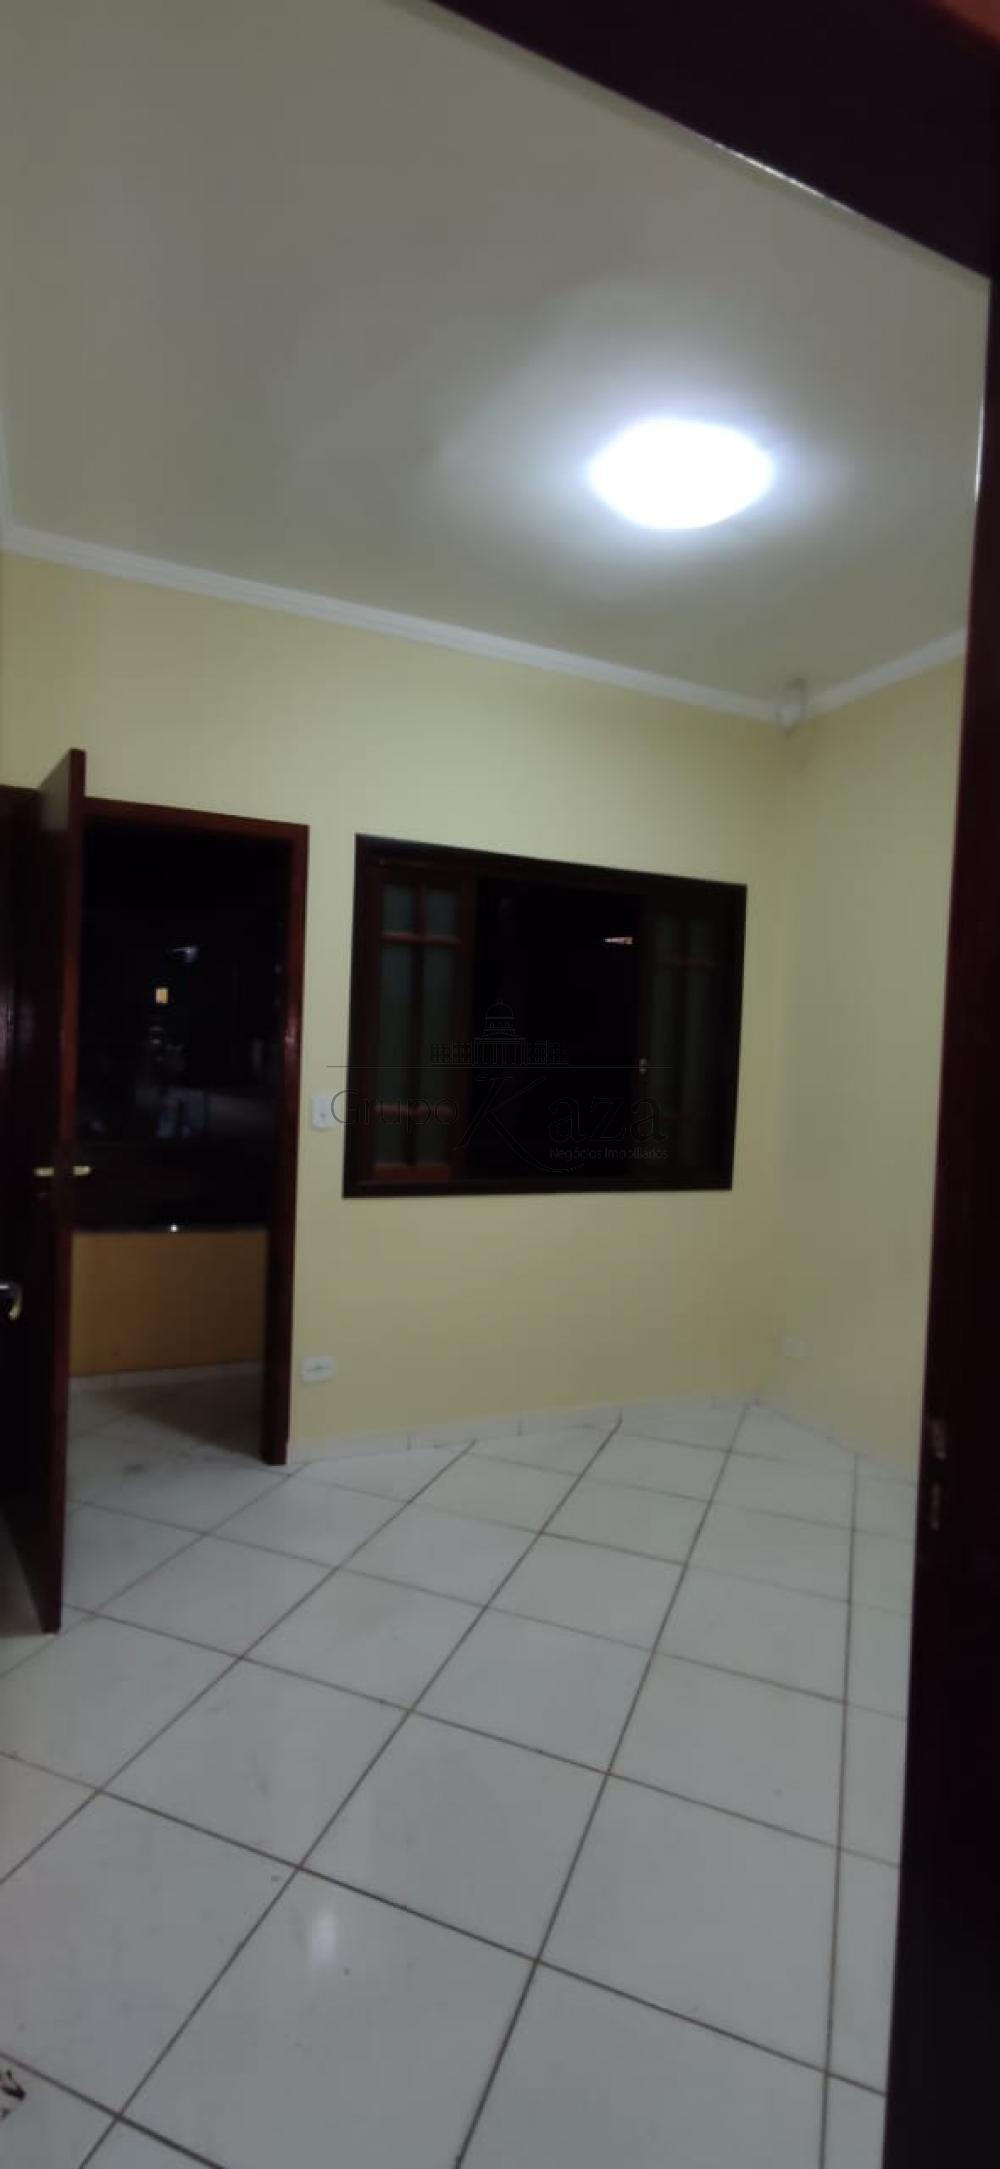 alt='Comprar Casa / Sobrado em São José dos Campos R$ 430.000,00 - Foto 13' title='Comprar Casa / Sobrado em São José dos Campos R$ 430.000,00 - Foto 13'